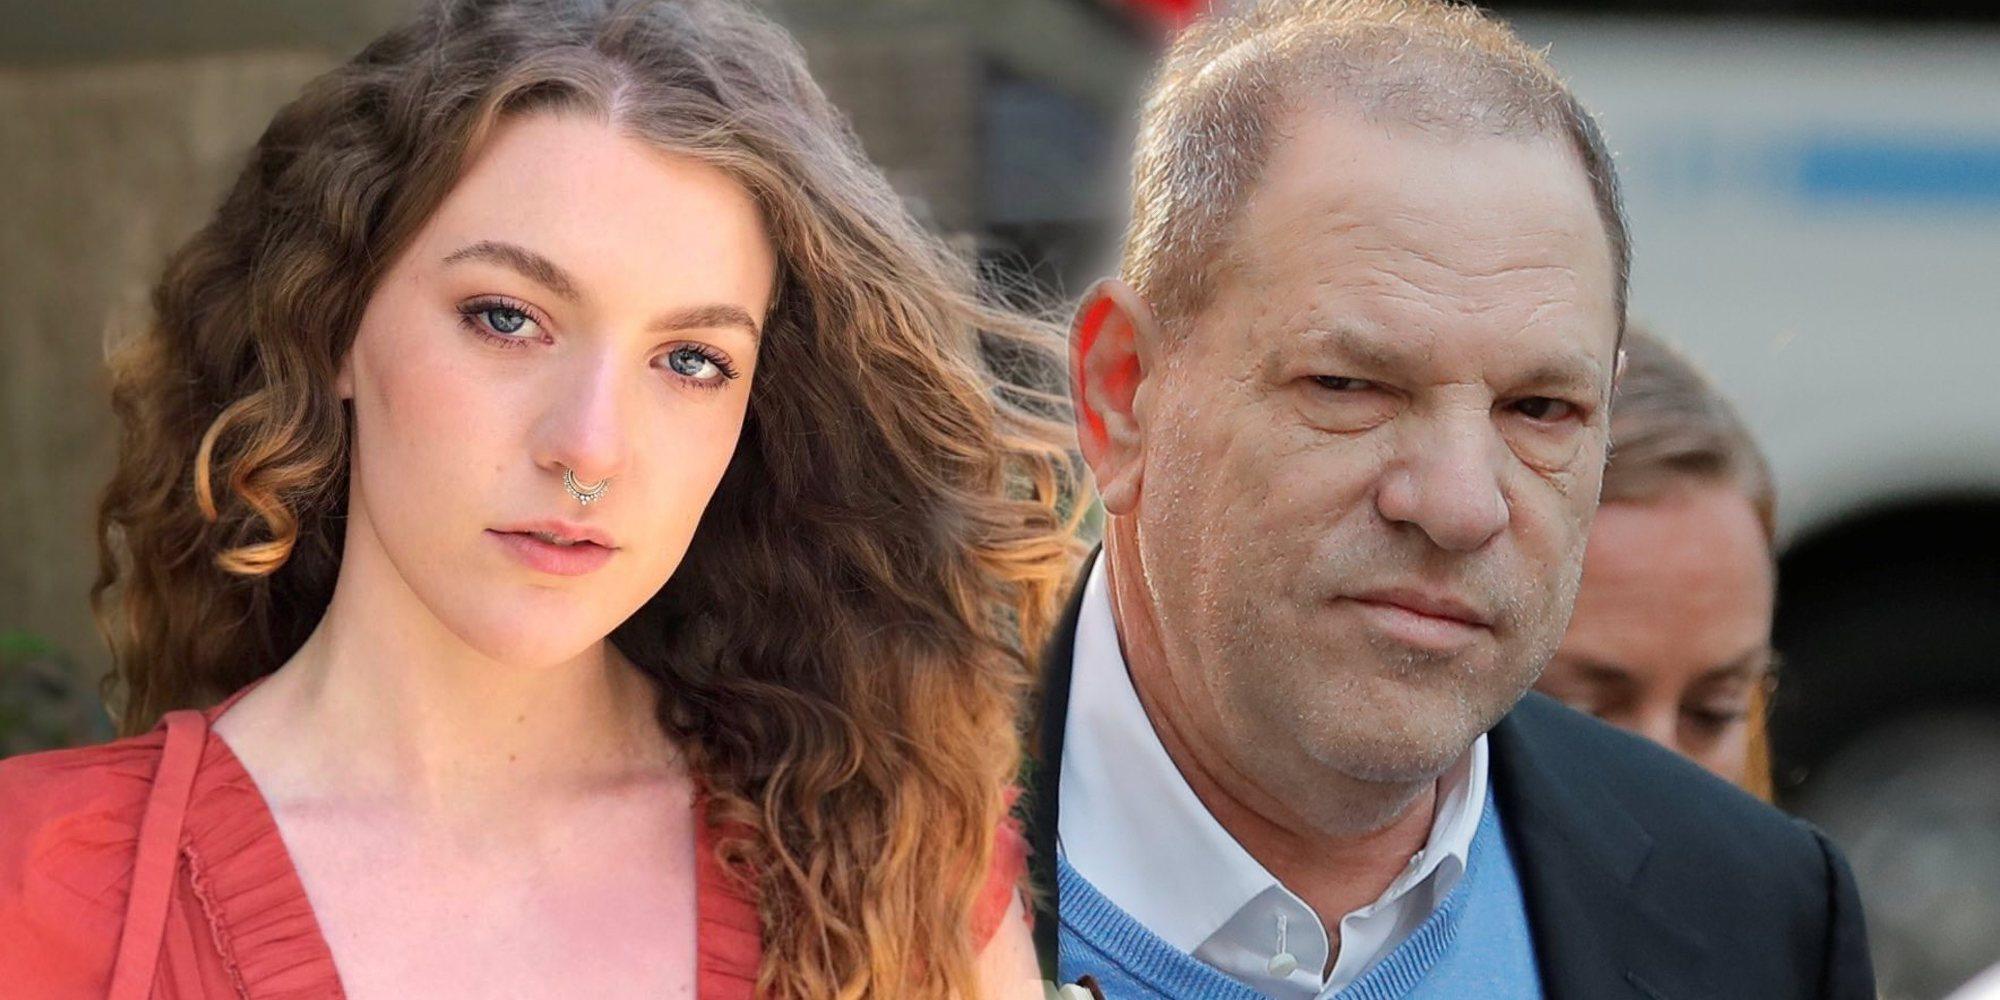 La actriz Zoe Stuckless relata cómo se encaró a Harvey Weinstein en un fiesta hasta que fue expulsada